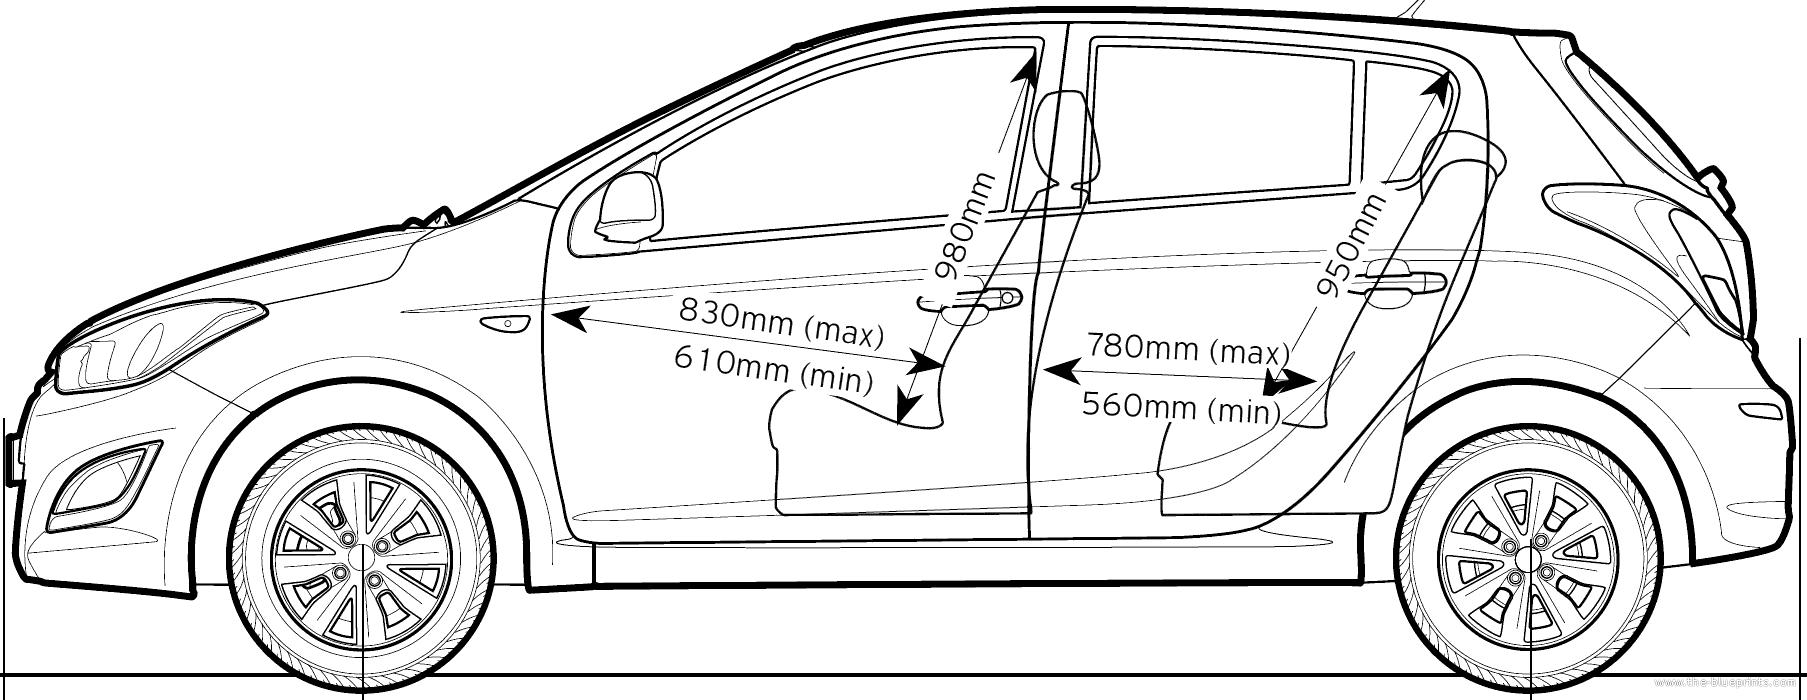 Blueprints > Cars > Hyundai > Hyundai i20 (2013)